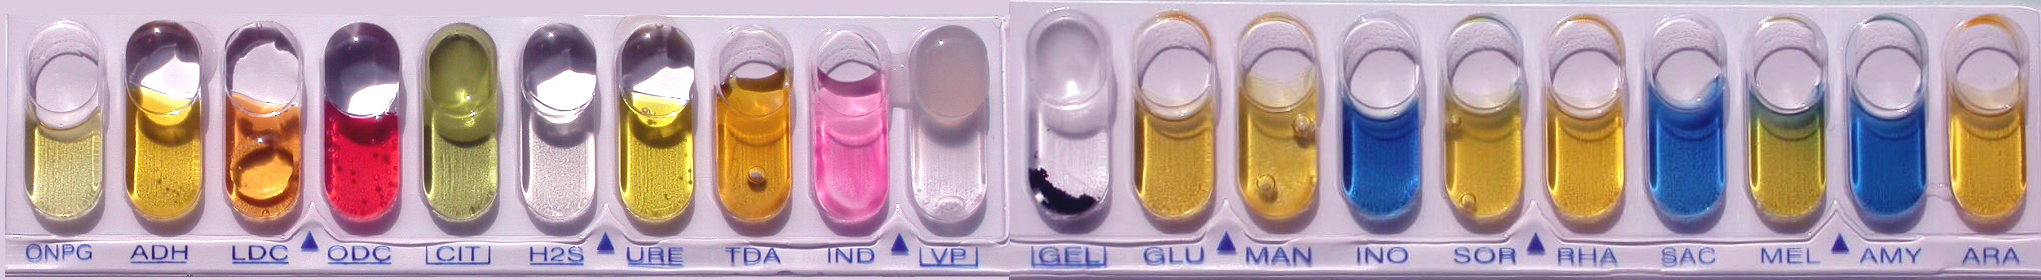 Galerie multi-tests API 20E utilisée dans les laboratoires d'analyses biomédicales pour identifier les entérobactéries